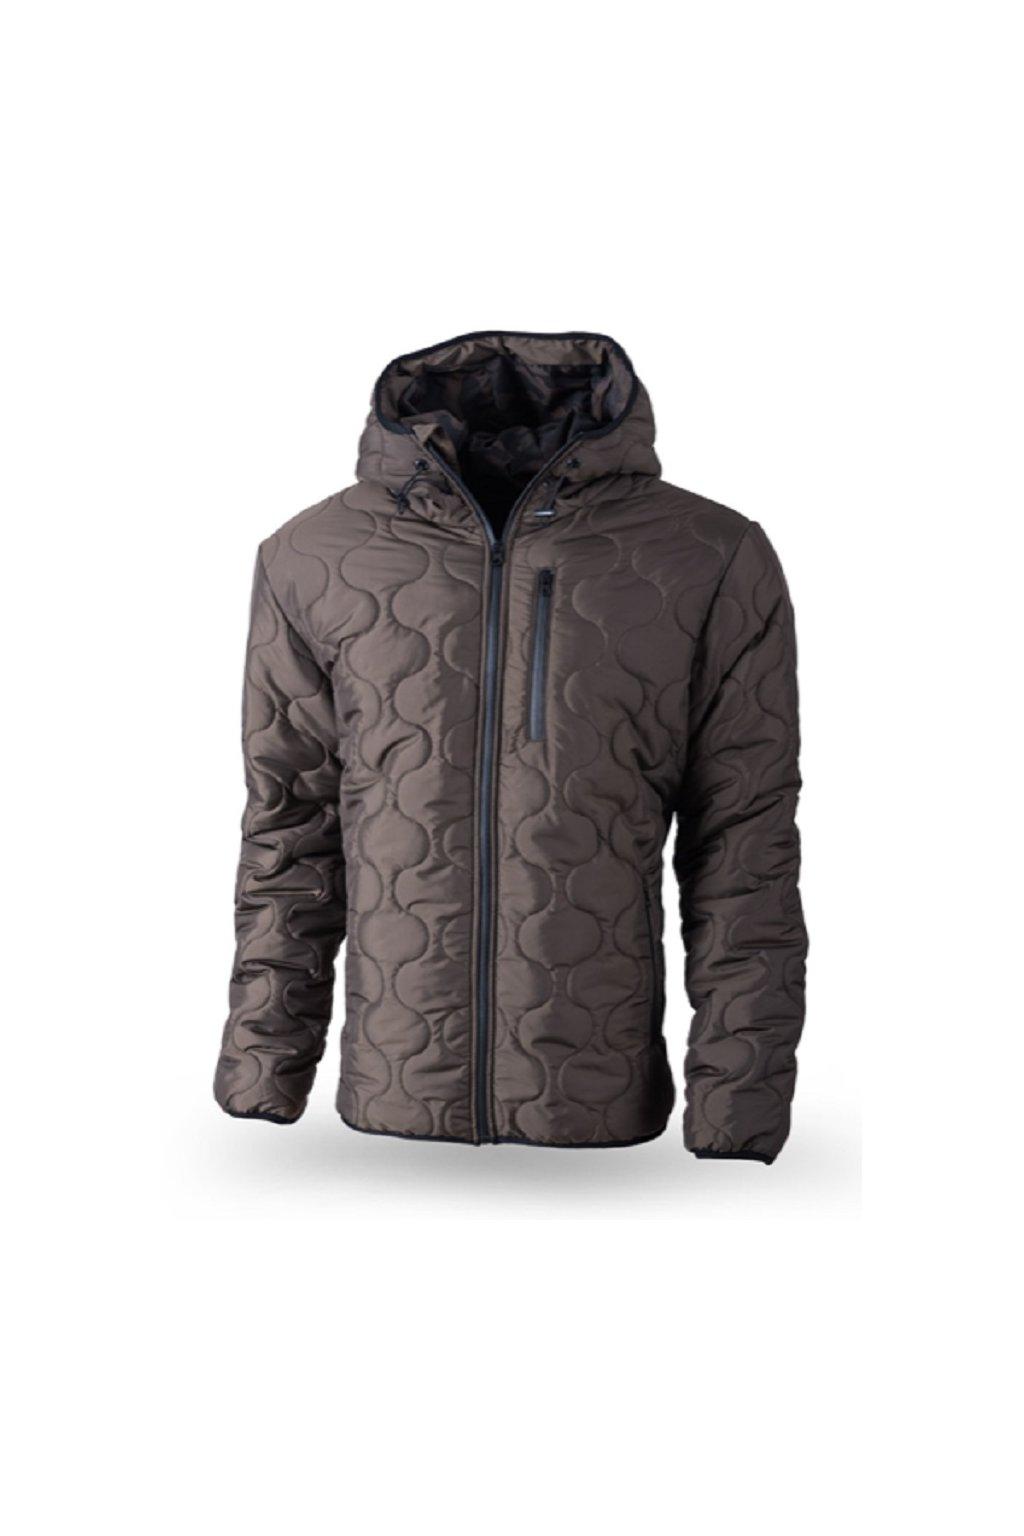 Pánská zimní bunda THOR STEINAR VELFJORD OLIVE obr1